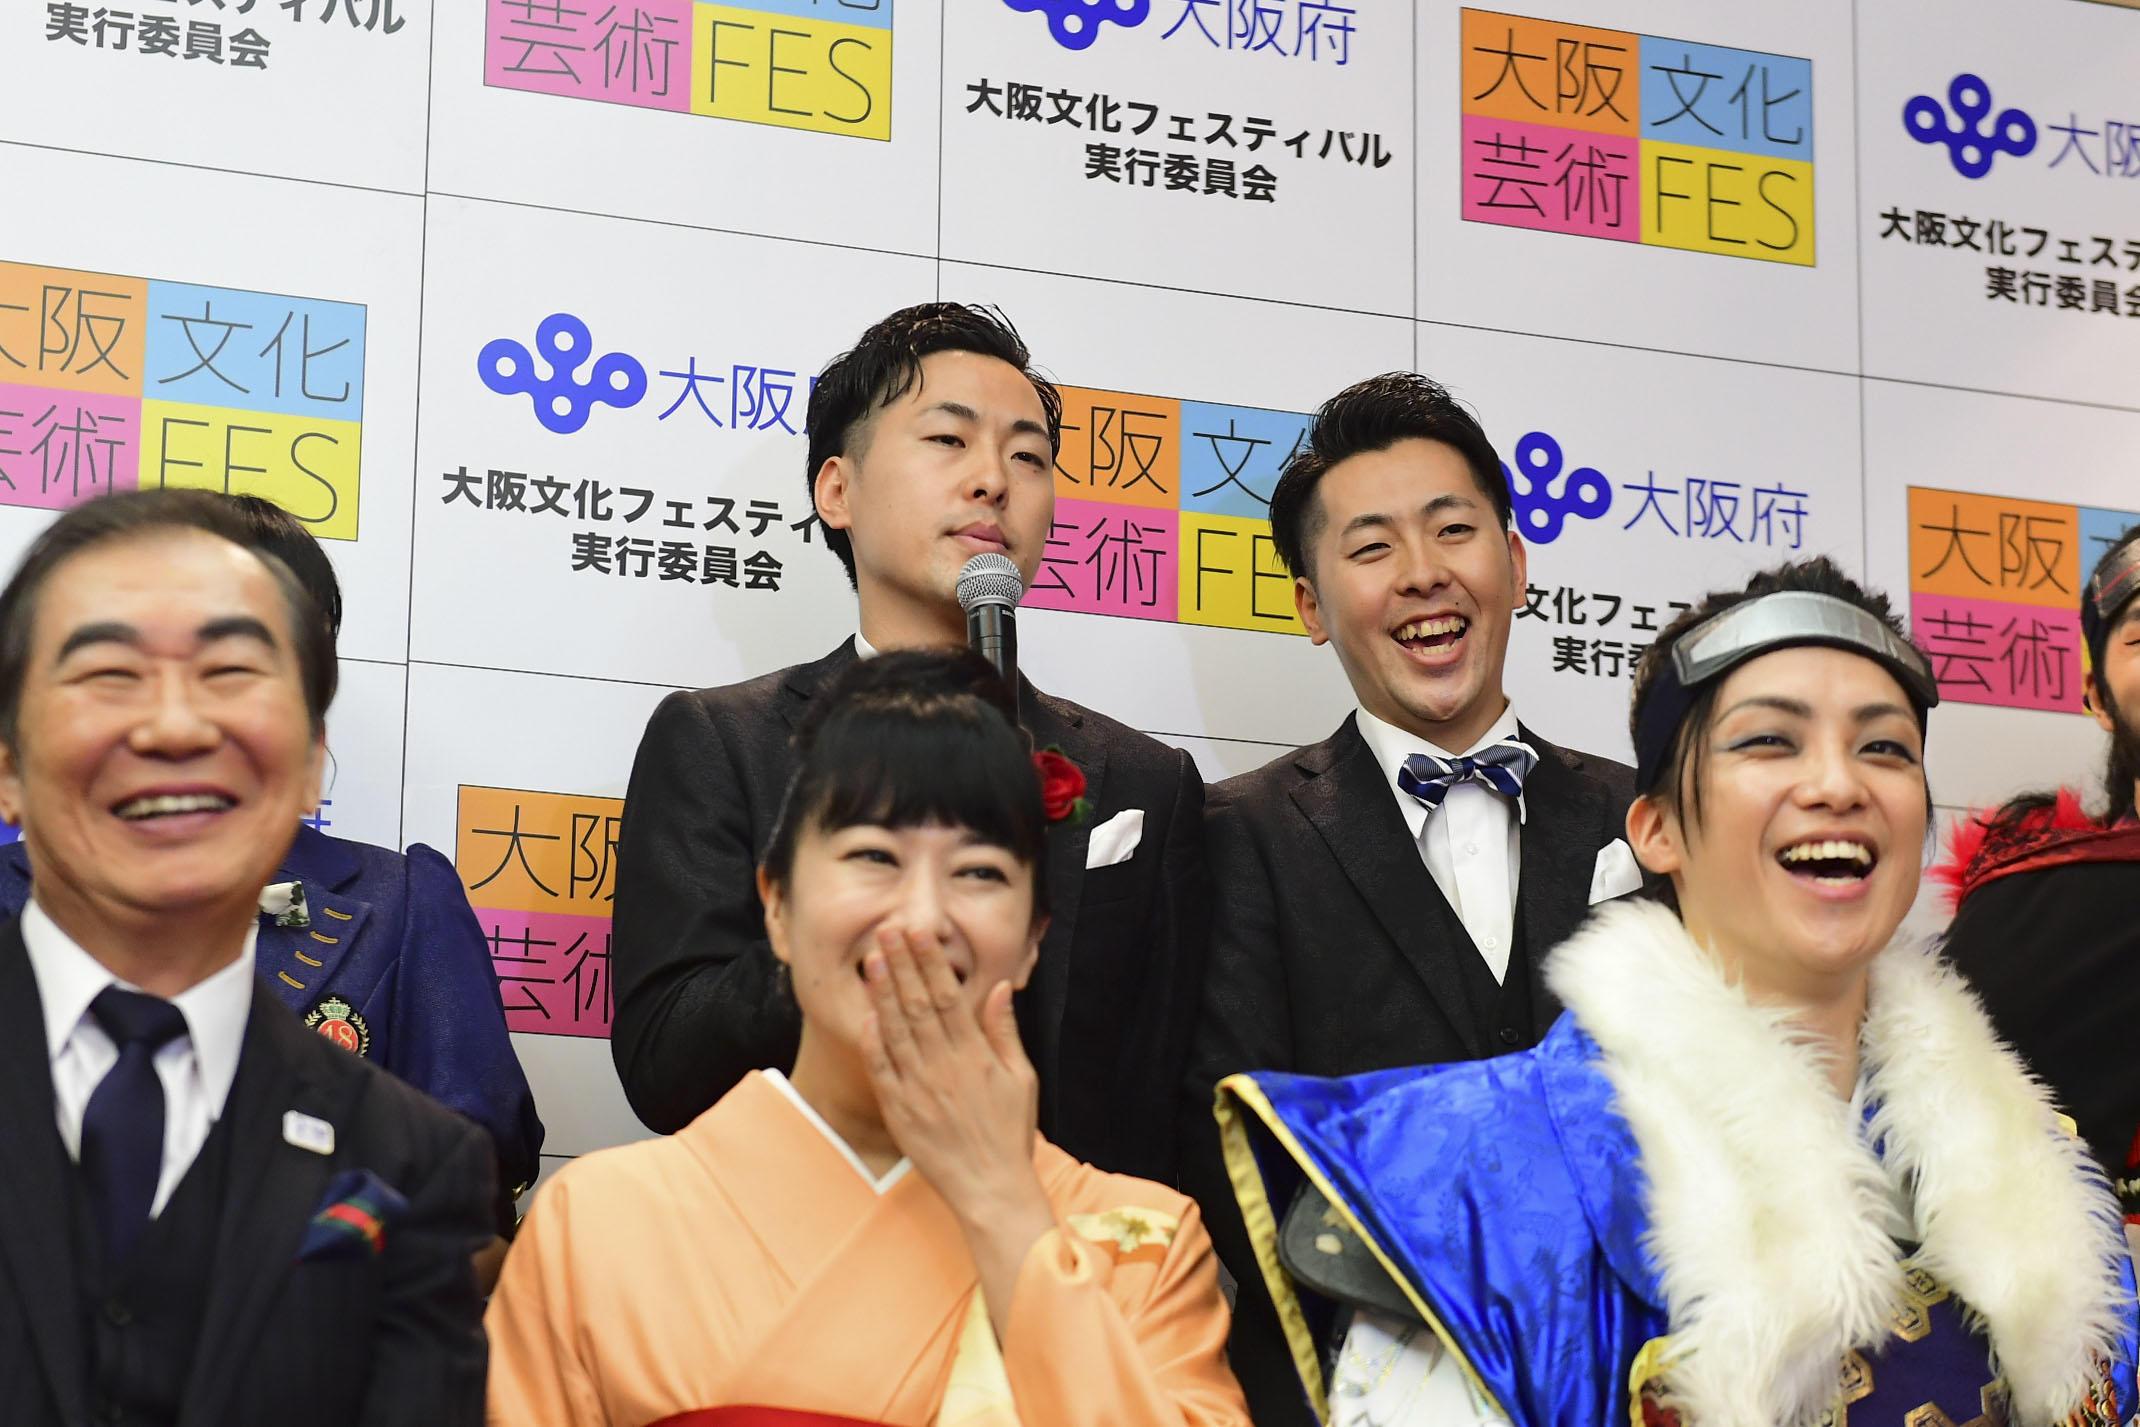 http://news.yoshimoto.co.jp/20170927102027-e4b8599bba0bed074f7777b3a12c4f4e0e01b779.jpg